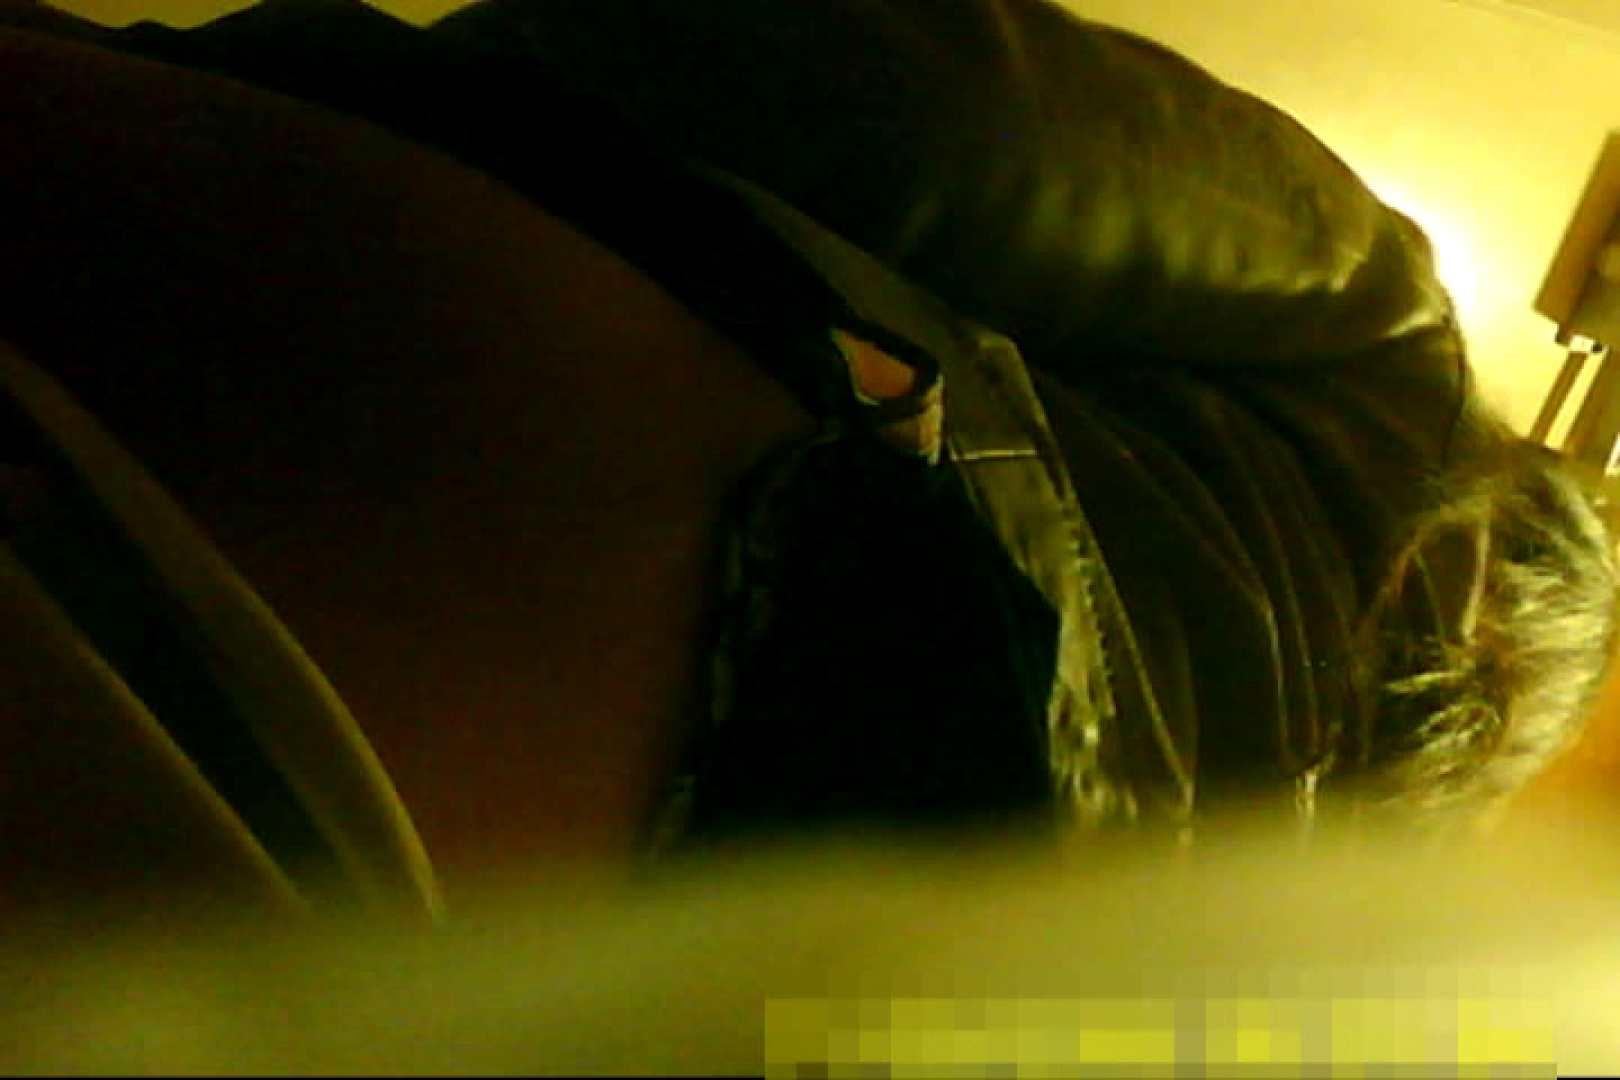 魅惑の化粧室~禁断のプライベート空間~31 洗面所 | プライベート映像  64pic 16